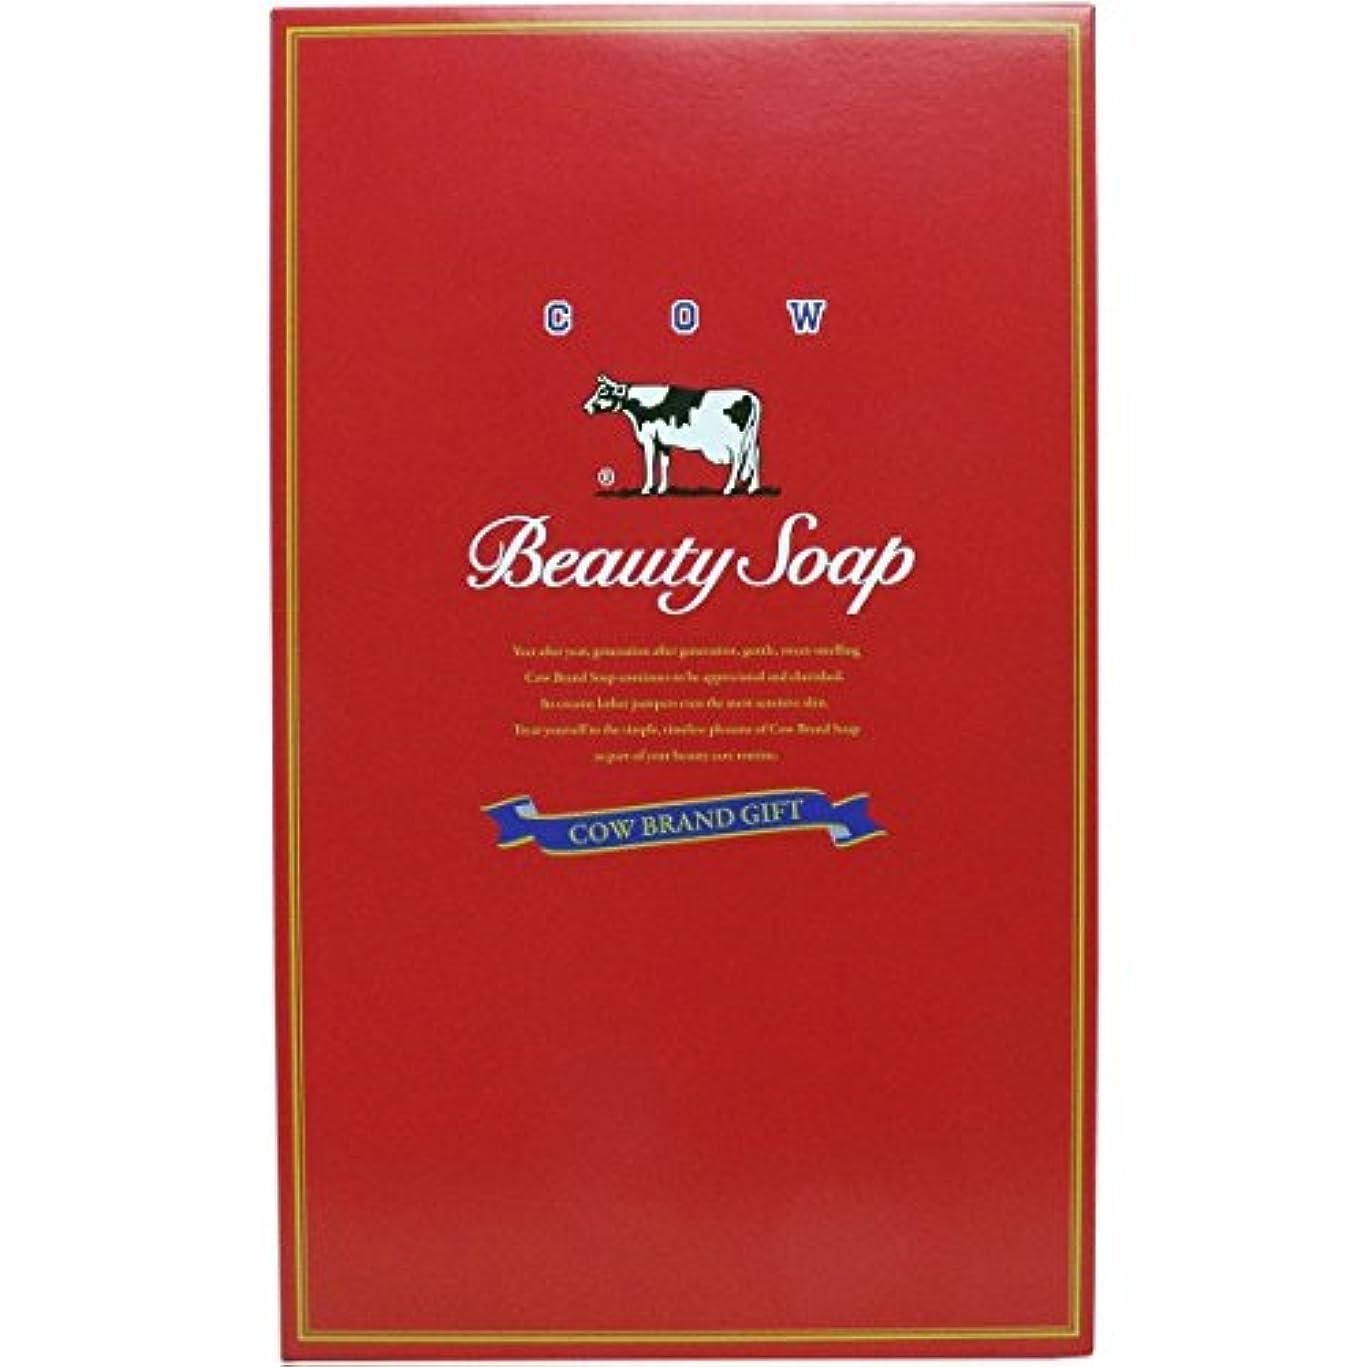 任命するホバー欲求不満牛乳石鹸共進社 カウブランド石鹸 赤箱 100g×10個×16箱